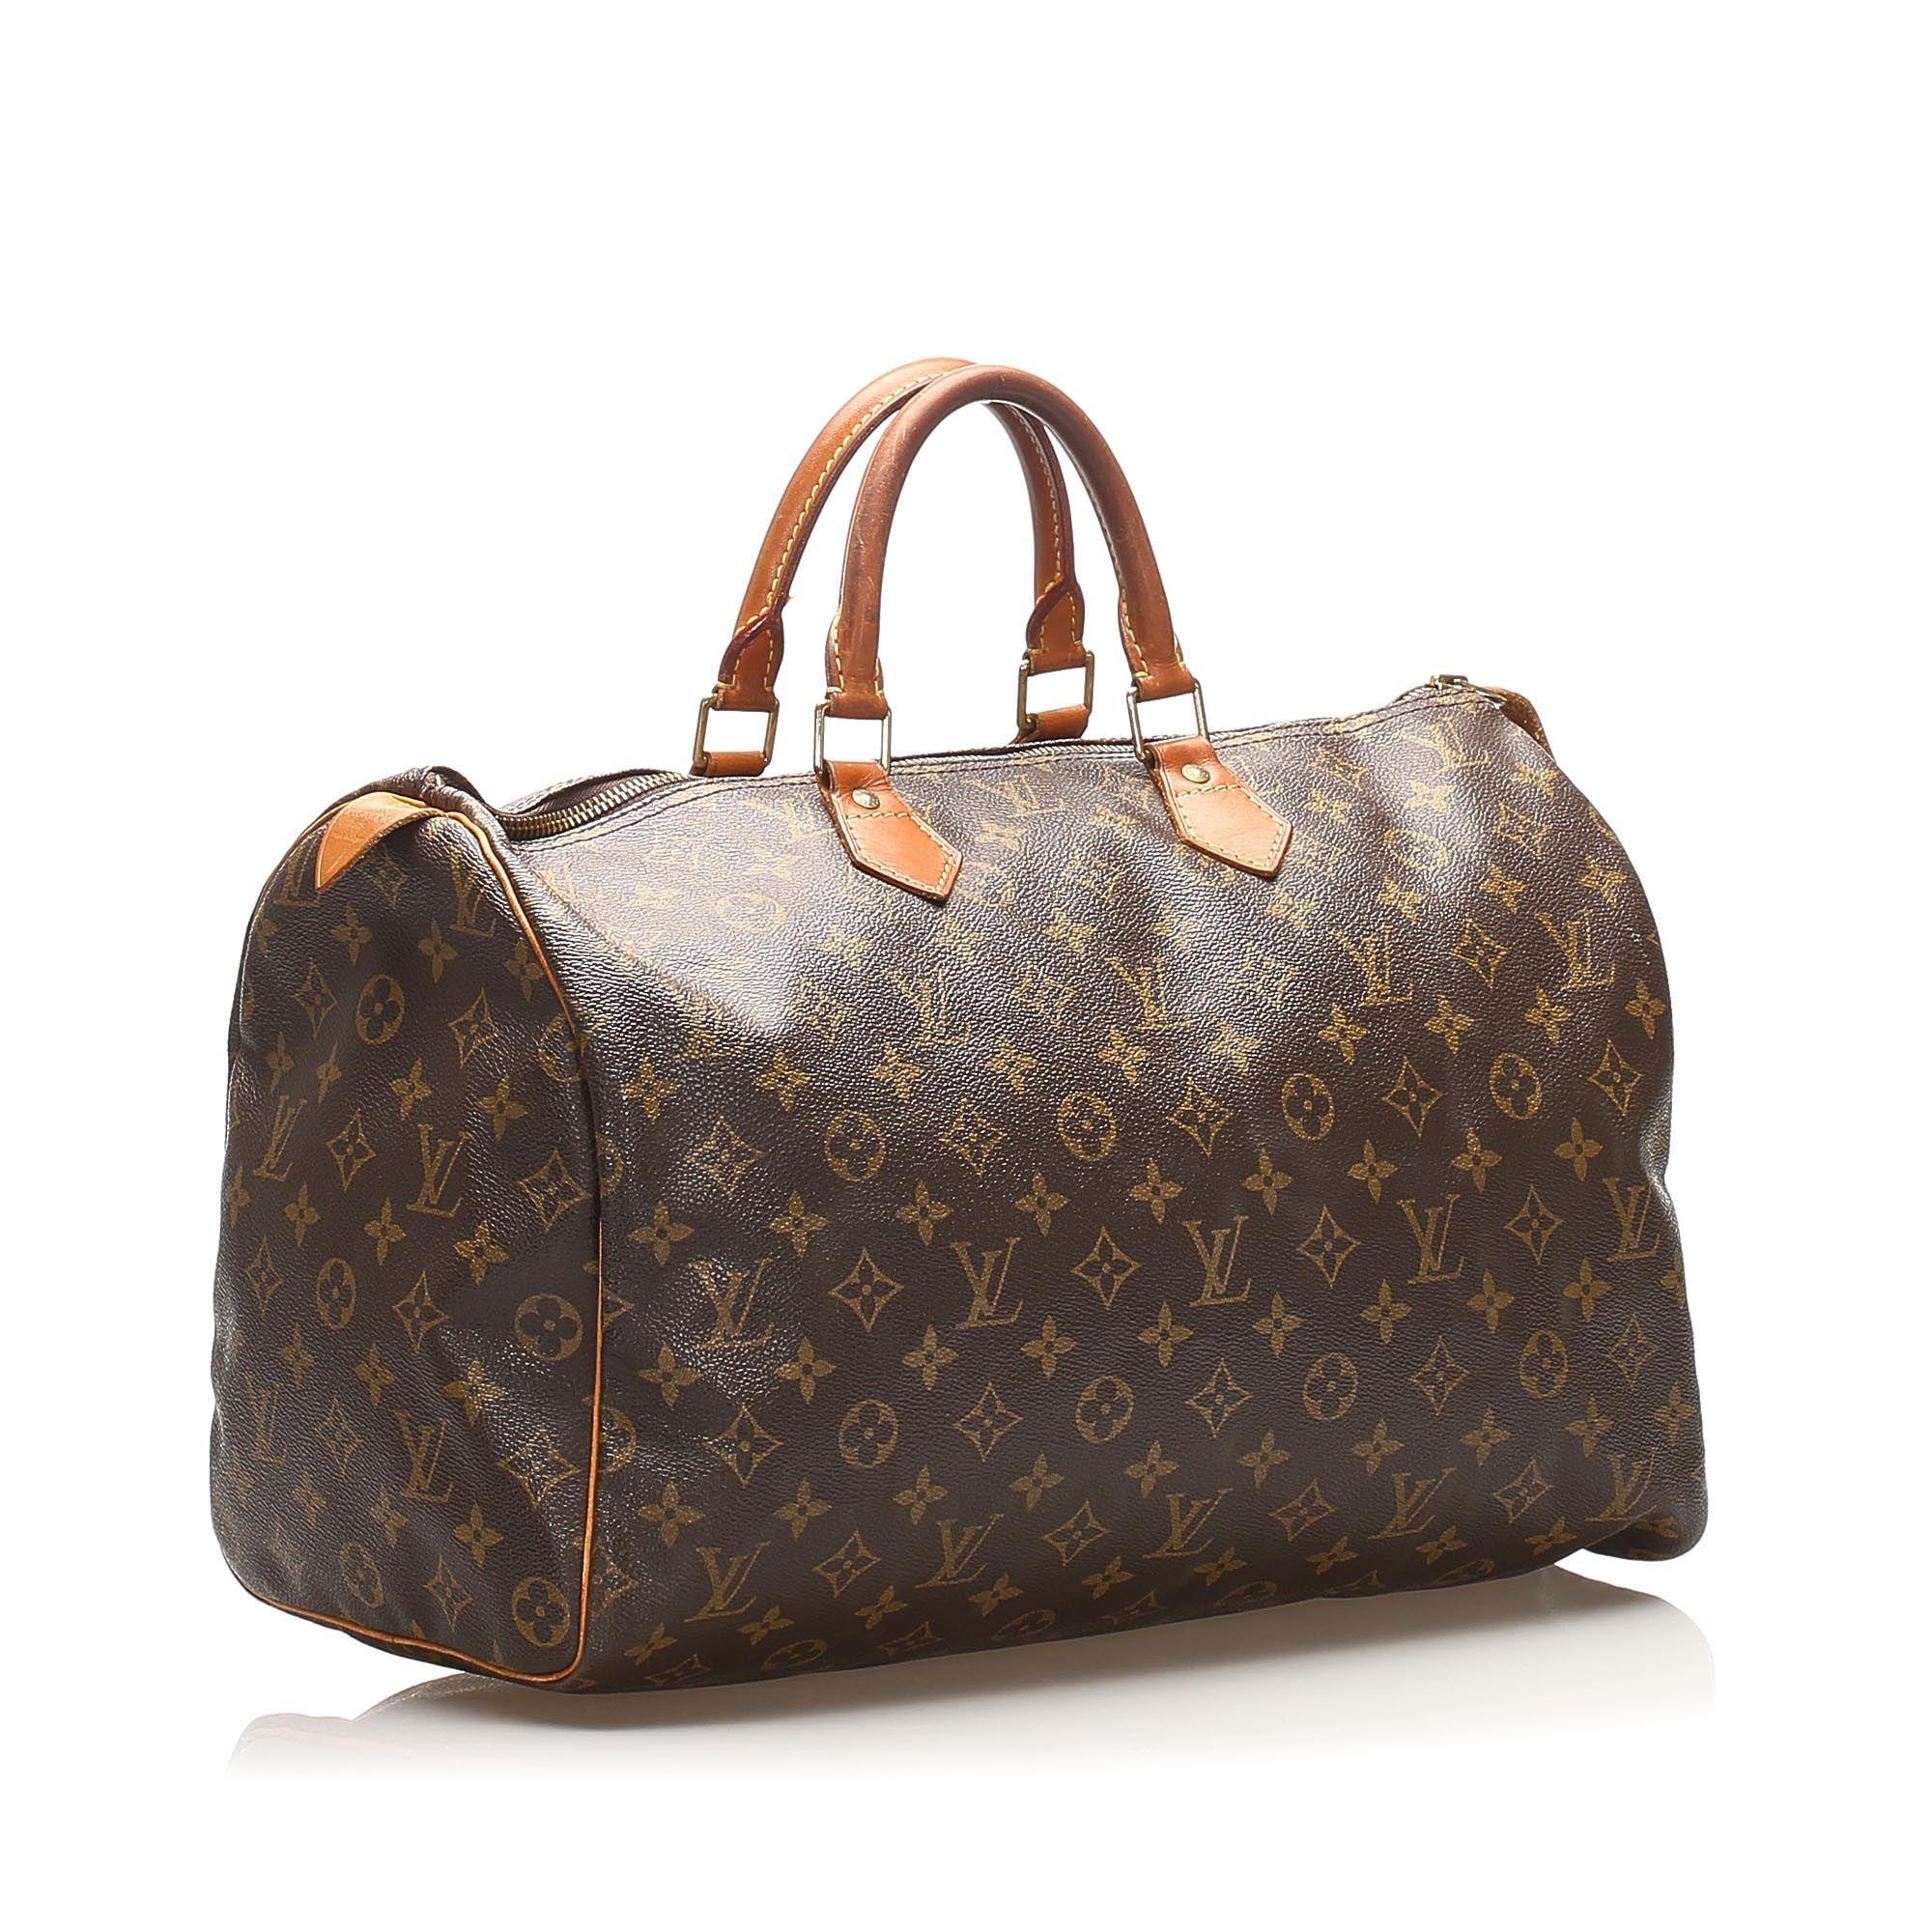 Vintage Louis Vuitton Monogram Speedy 40 Brown